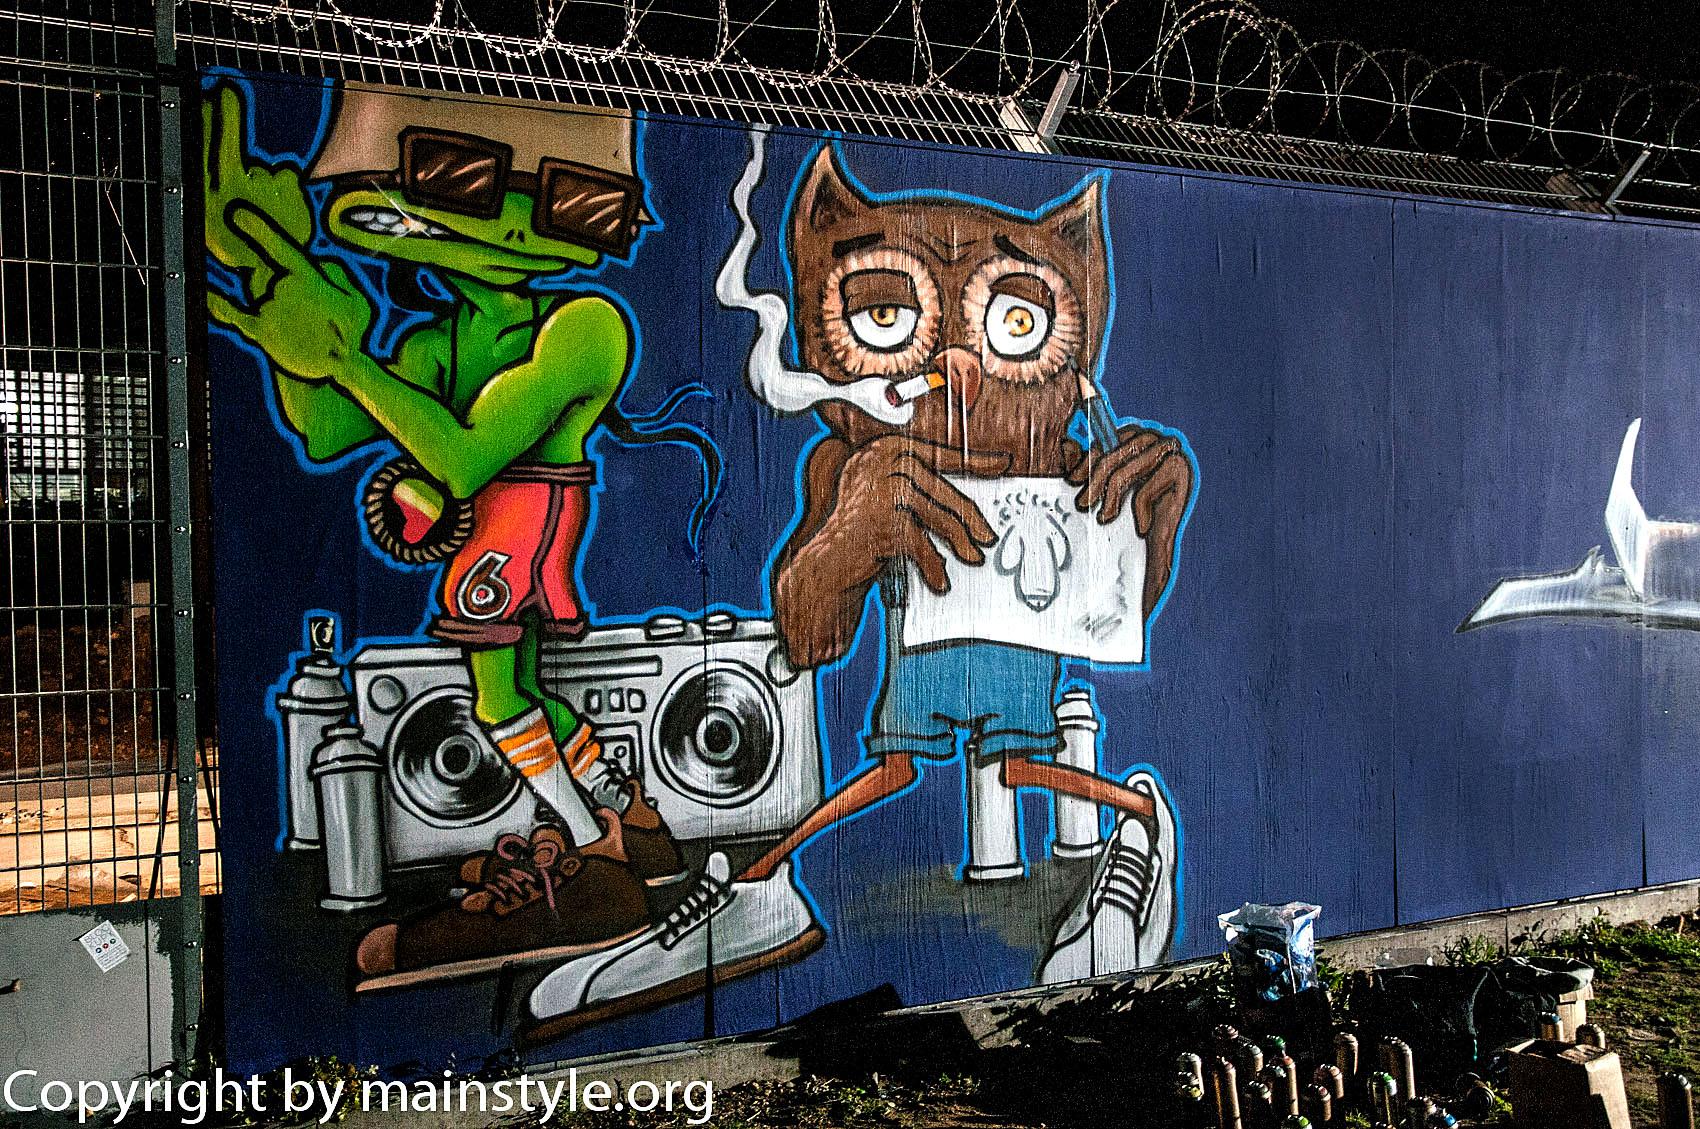 Frankfurt_Nacht_der_Museen_Graffiti_EZB_2013_-6240